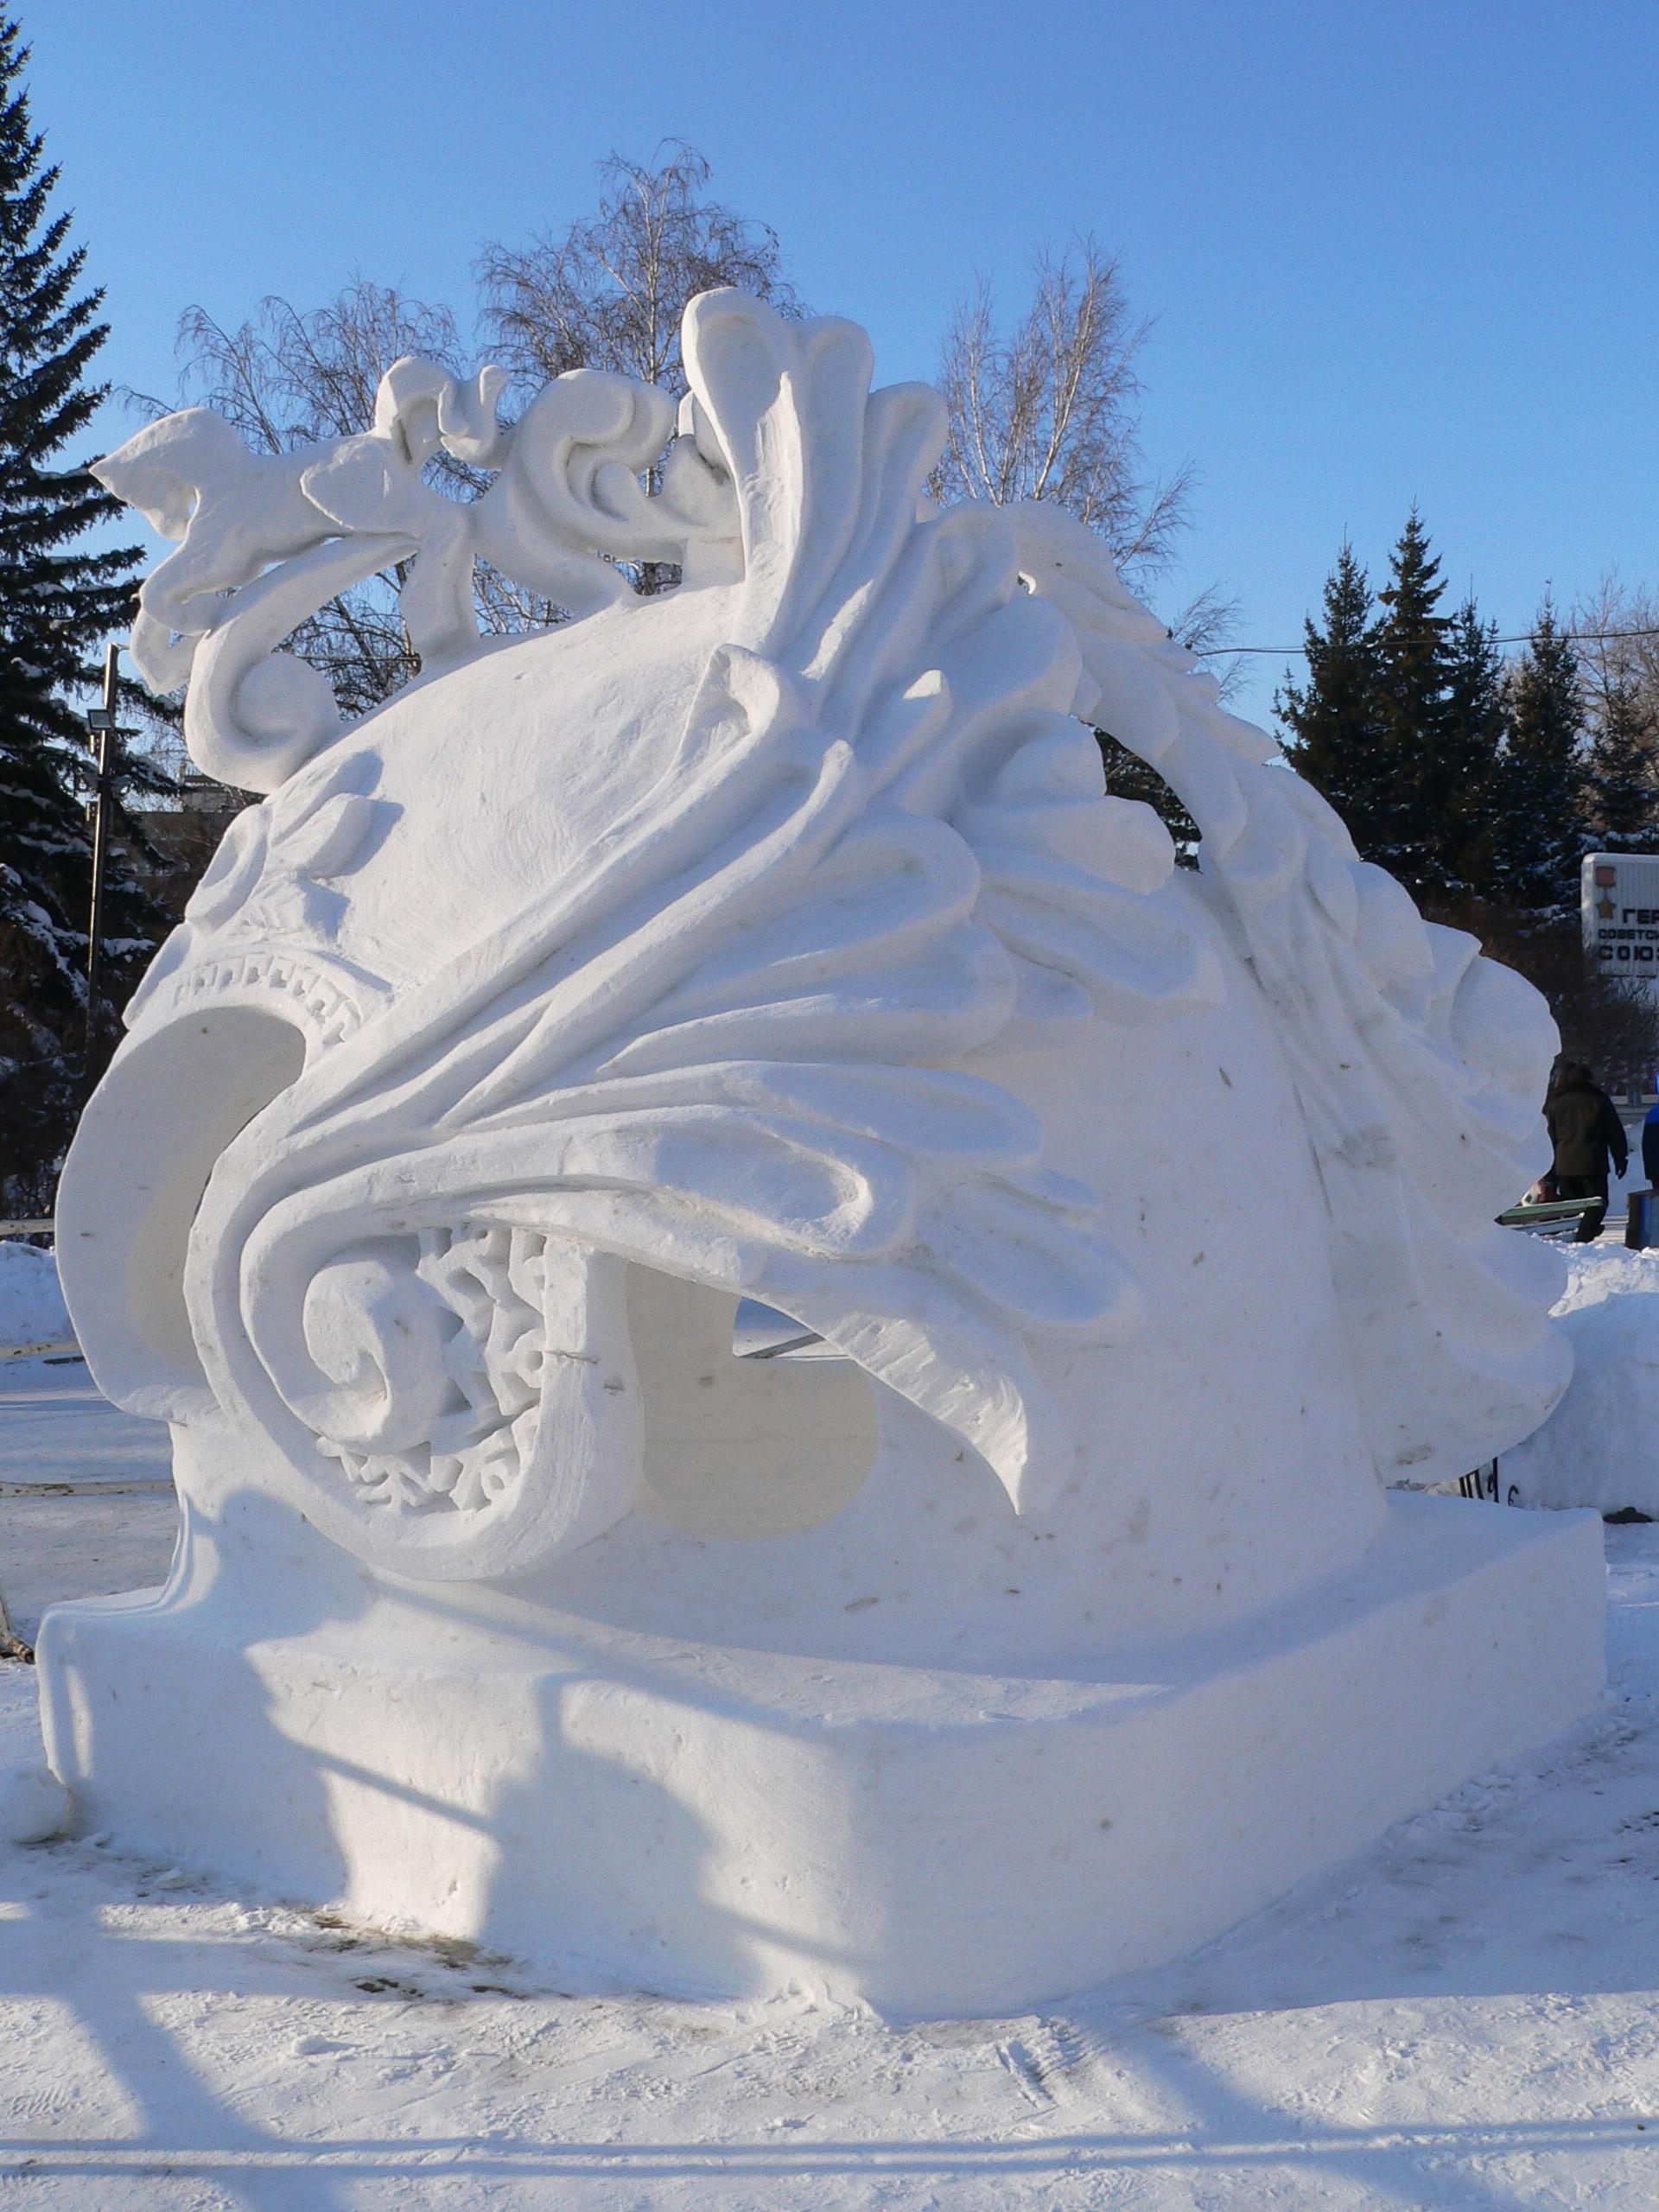 Фотография-снежной-скульптуры-сила-мужество-единство